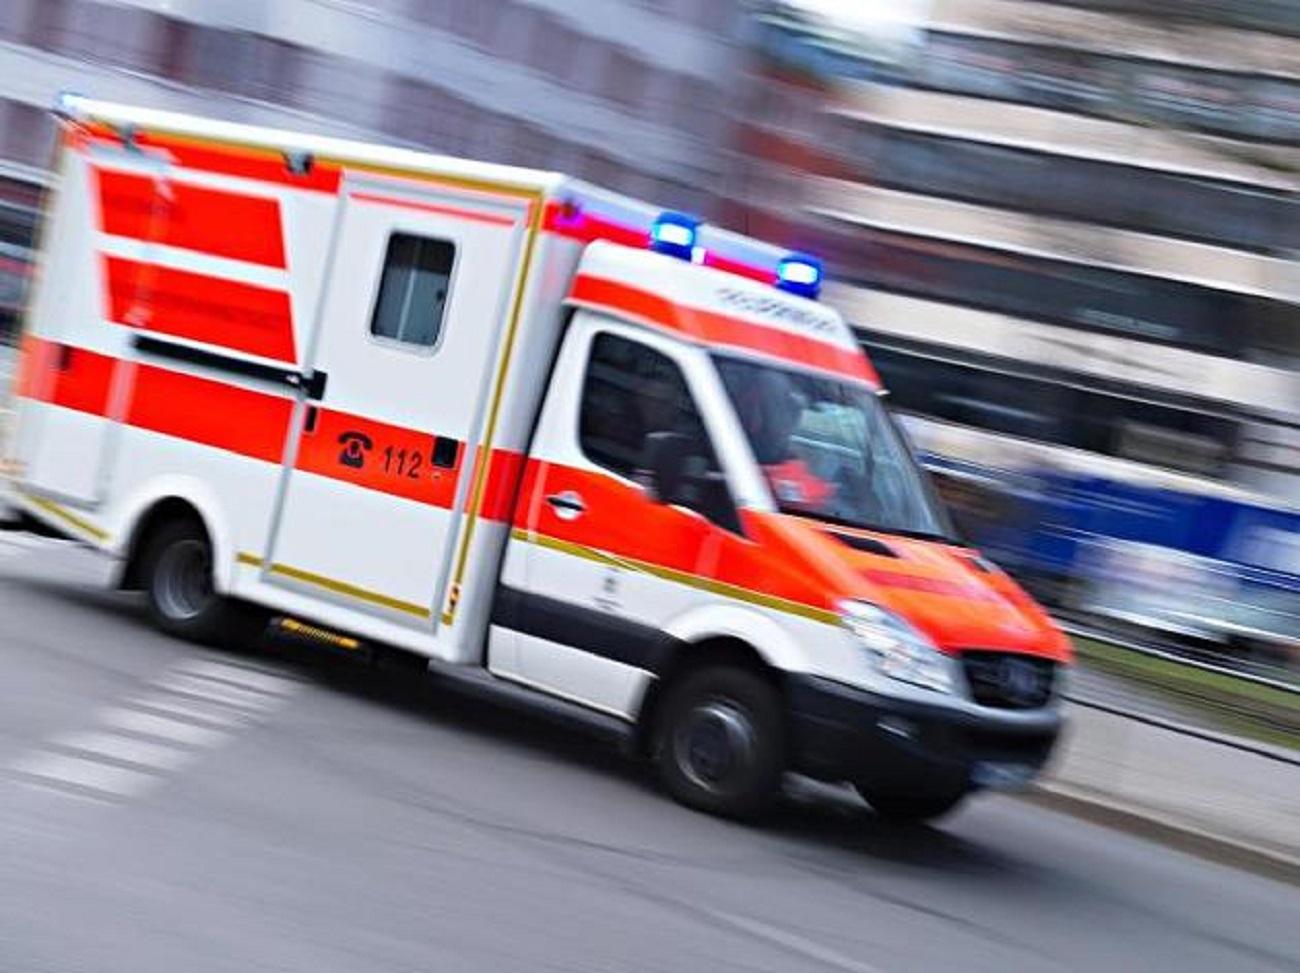 ВВоронеже иностранная машина сбила 17-летнюю девушку